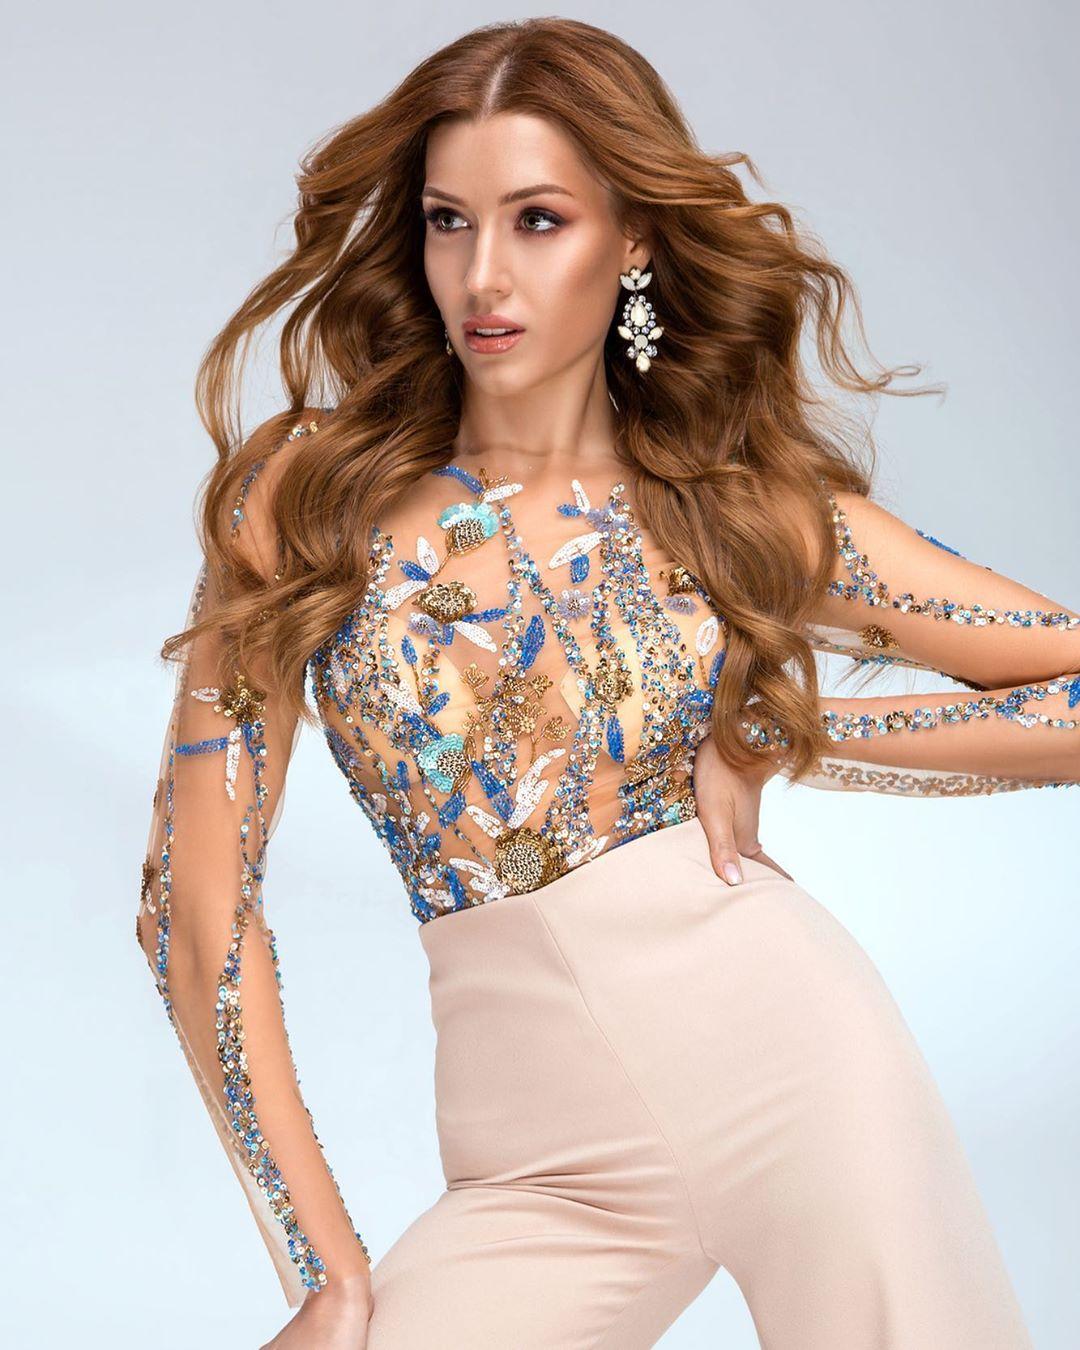 В дерзком мини: Мисс Украина Вселенная Анастасия Суббота очаровала Сеть